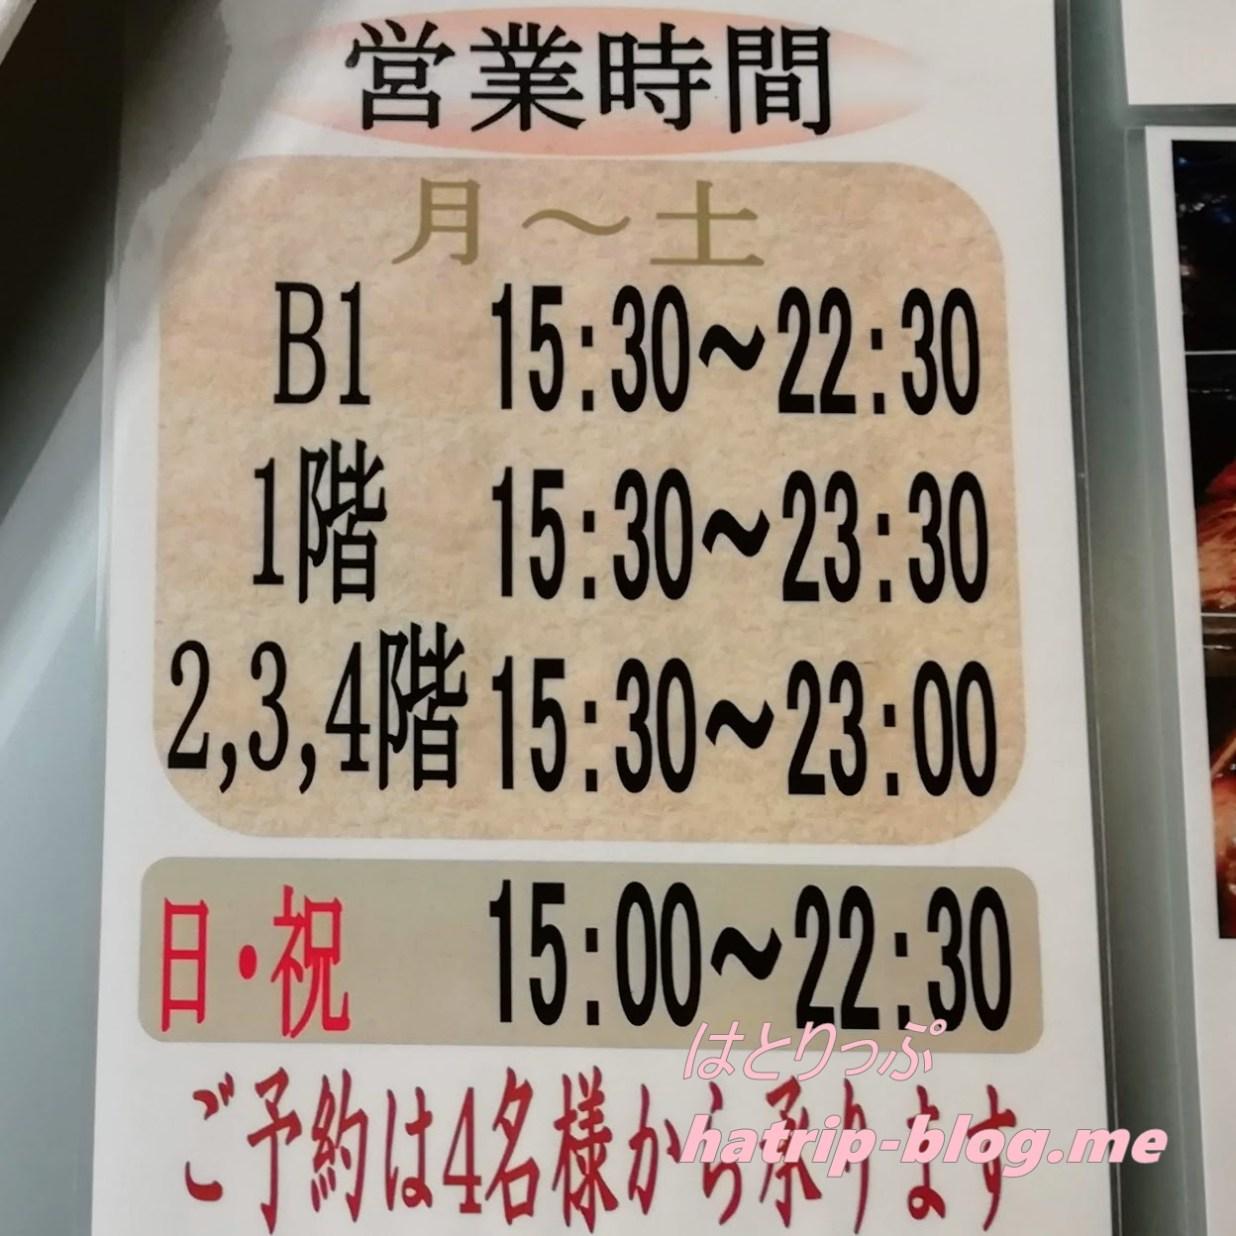 東京都新宿区 お多幸 新宿店 営業時間